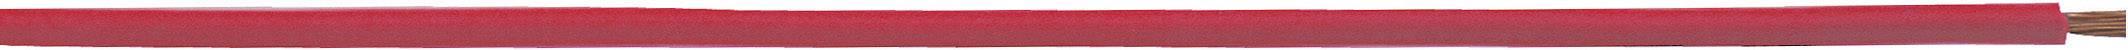 Opletenie / lanko LappKabel 4510012 H05V-K, 1 x 0.75 mm², vonkajší Ø 2.40 mm, 100 m, čierna